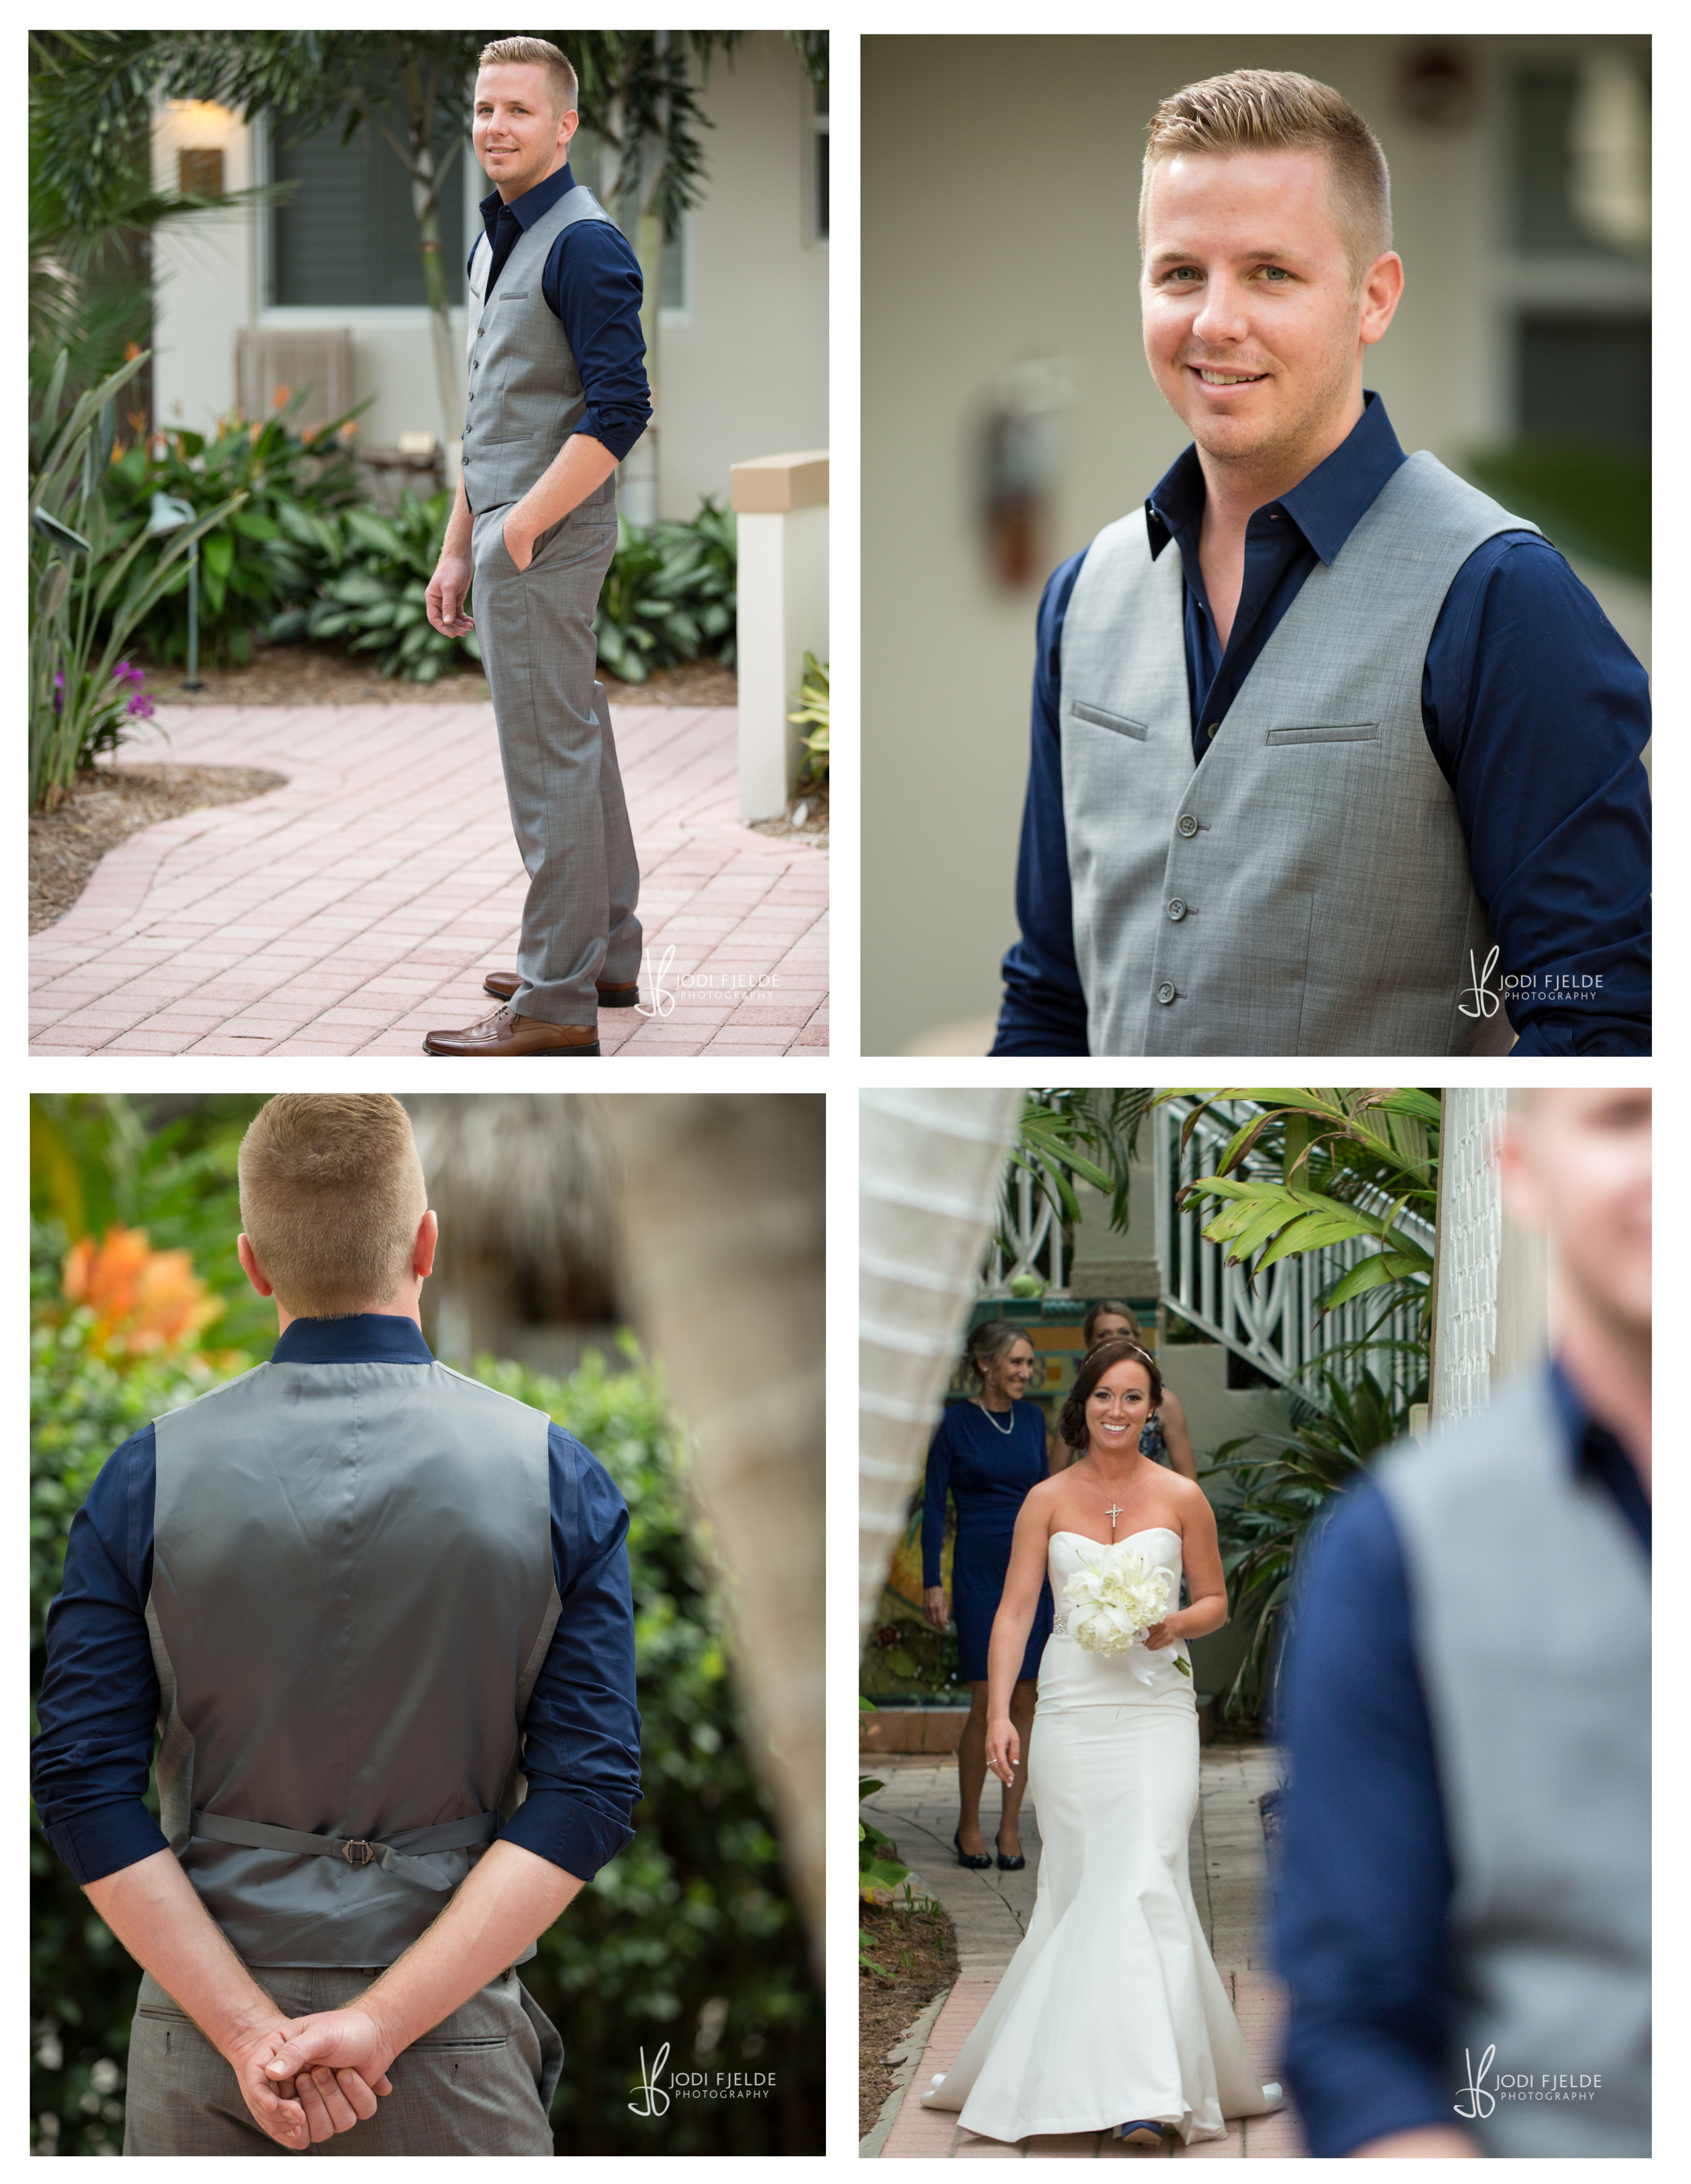 Cranes_Beach_House_Delray_Beach_wedding_carolyn_Dylan_married7.jpg